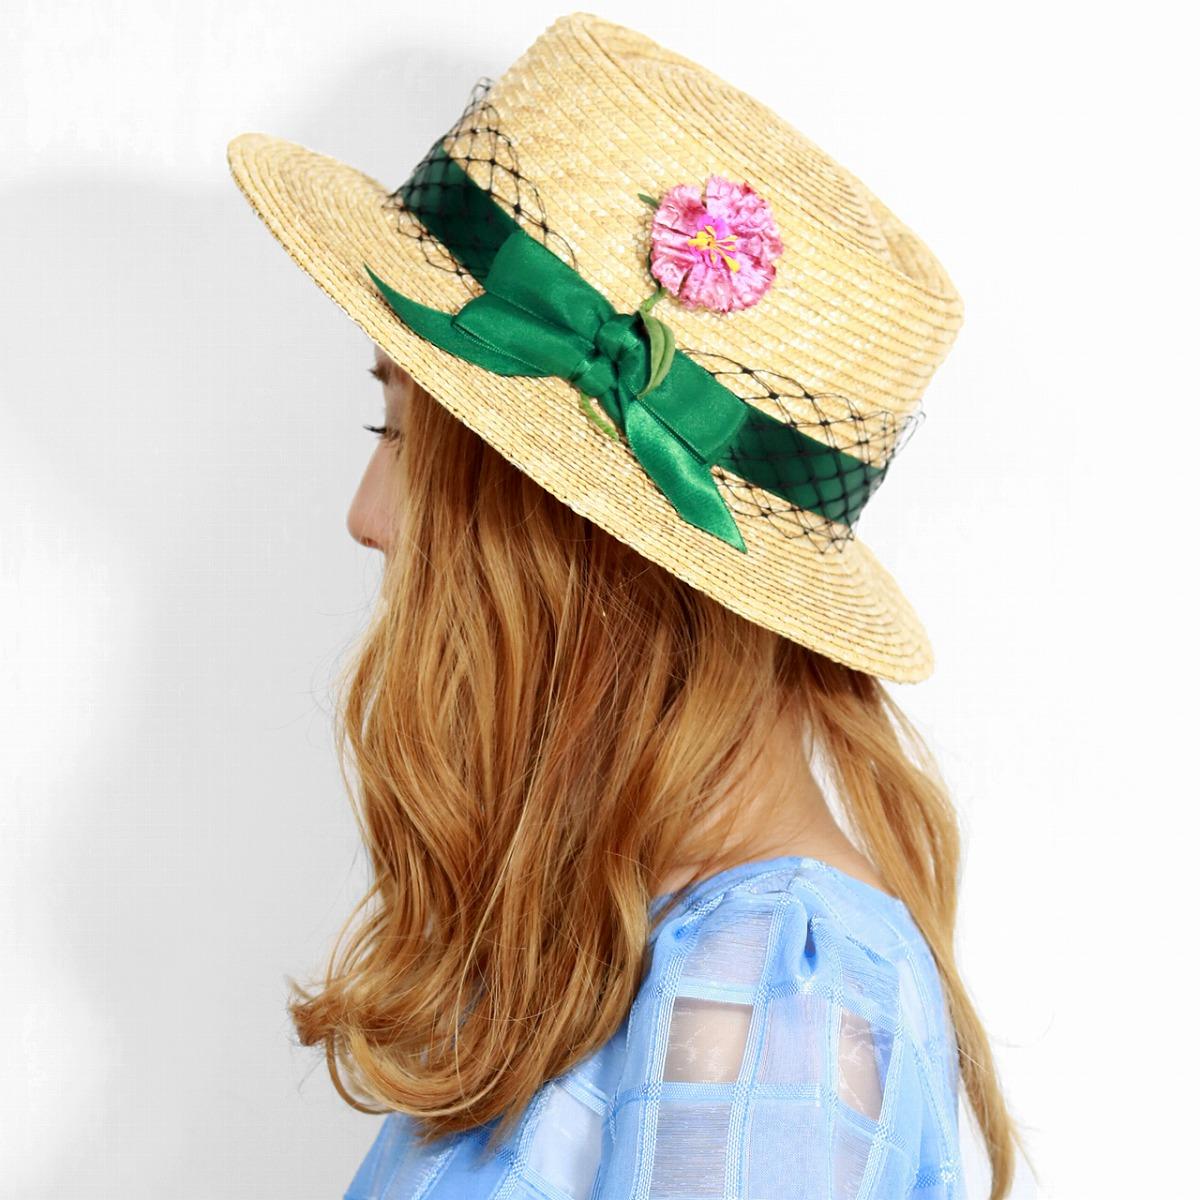 バラ色の帽子 ストローハット レディース Barairo no Boushi 春 夏 帽子 なでしこポークハット フラワーコサージュ チュール リボン ポークパイハット 布花 麦わら帽子 日本製 フリーサイズ おしゃれ 緑 グリーン [ pork-pie hat ][ straw hat ] 母の日 ギフト プレゼント